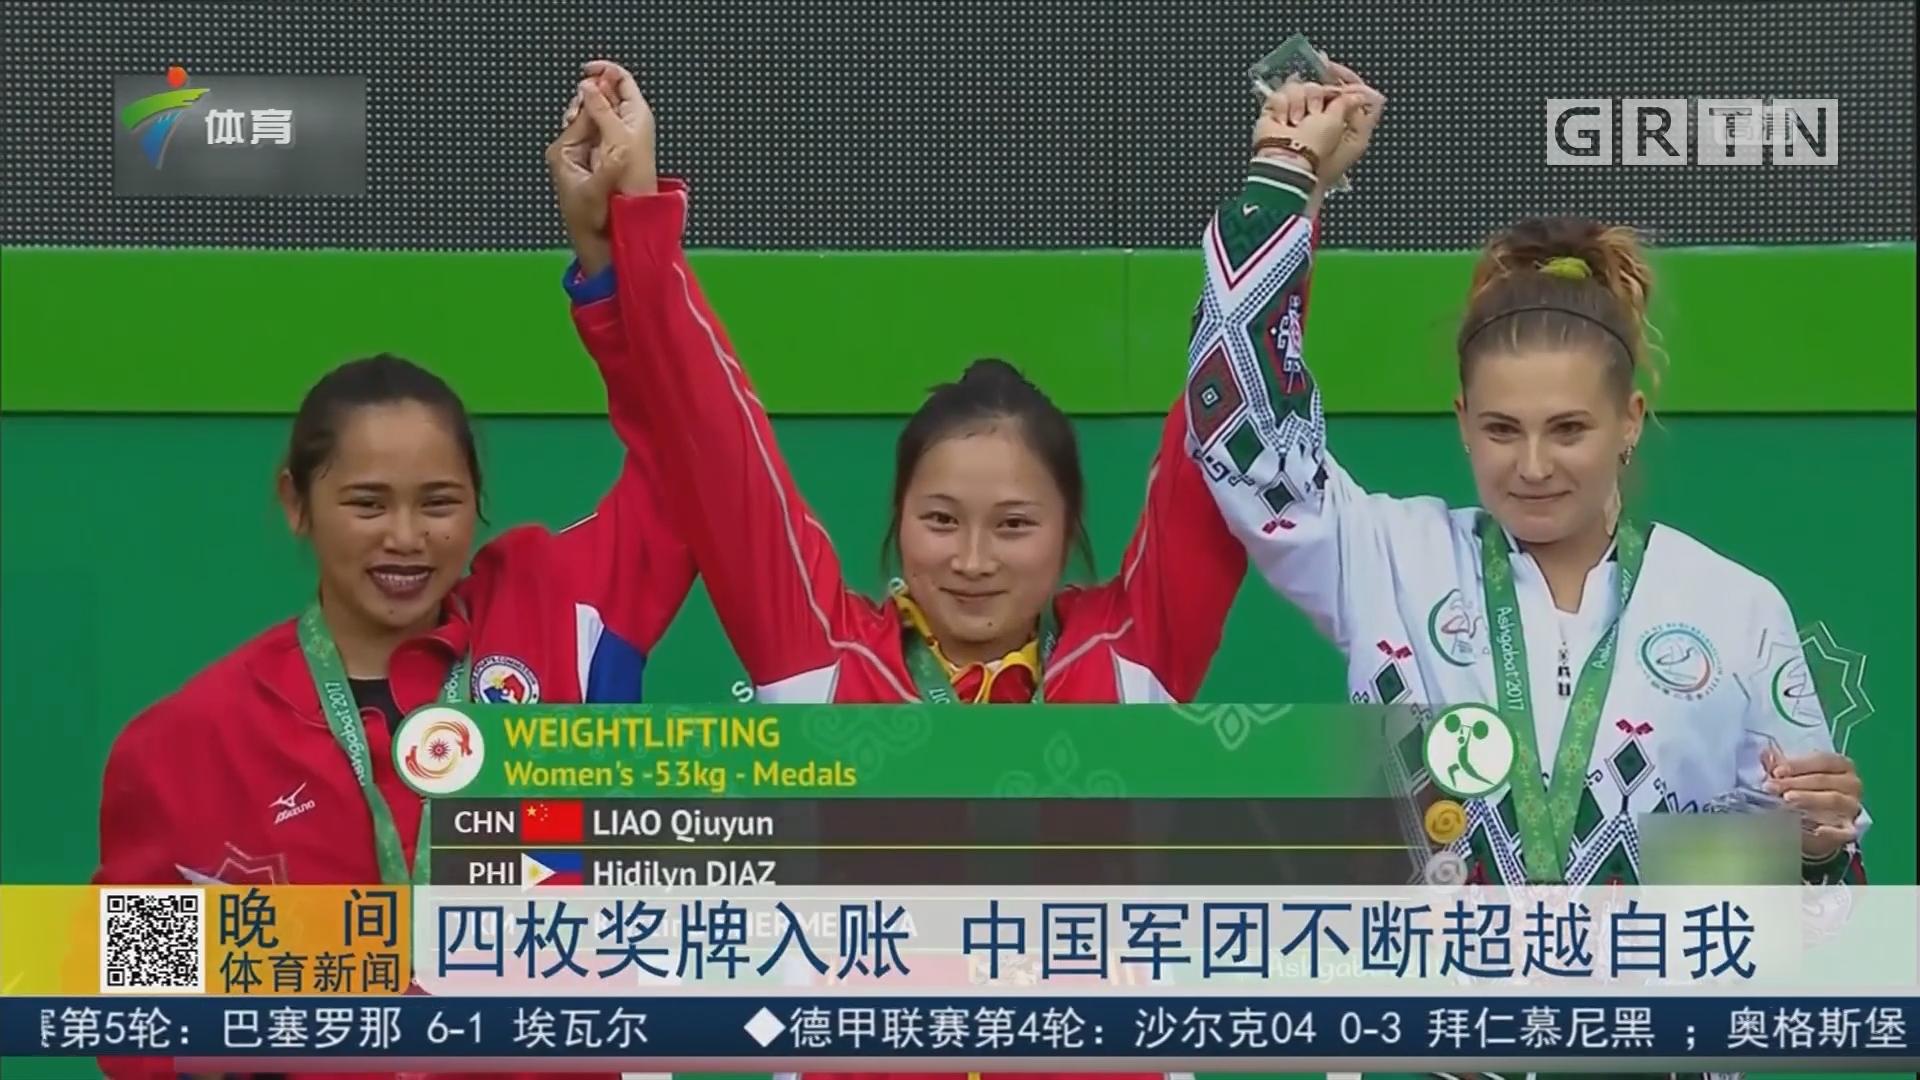 四枚奖牌入账 中国军团不断超越自我